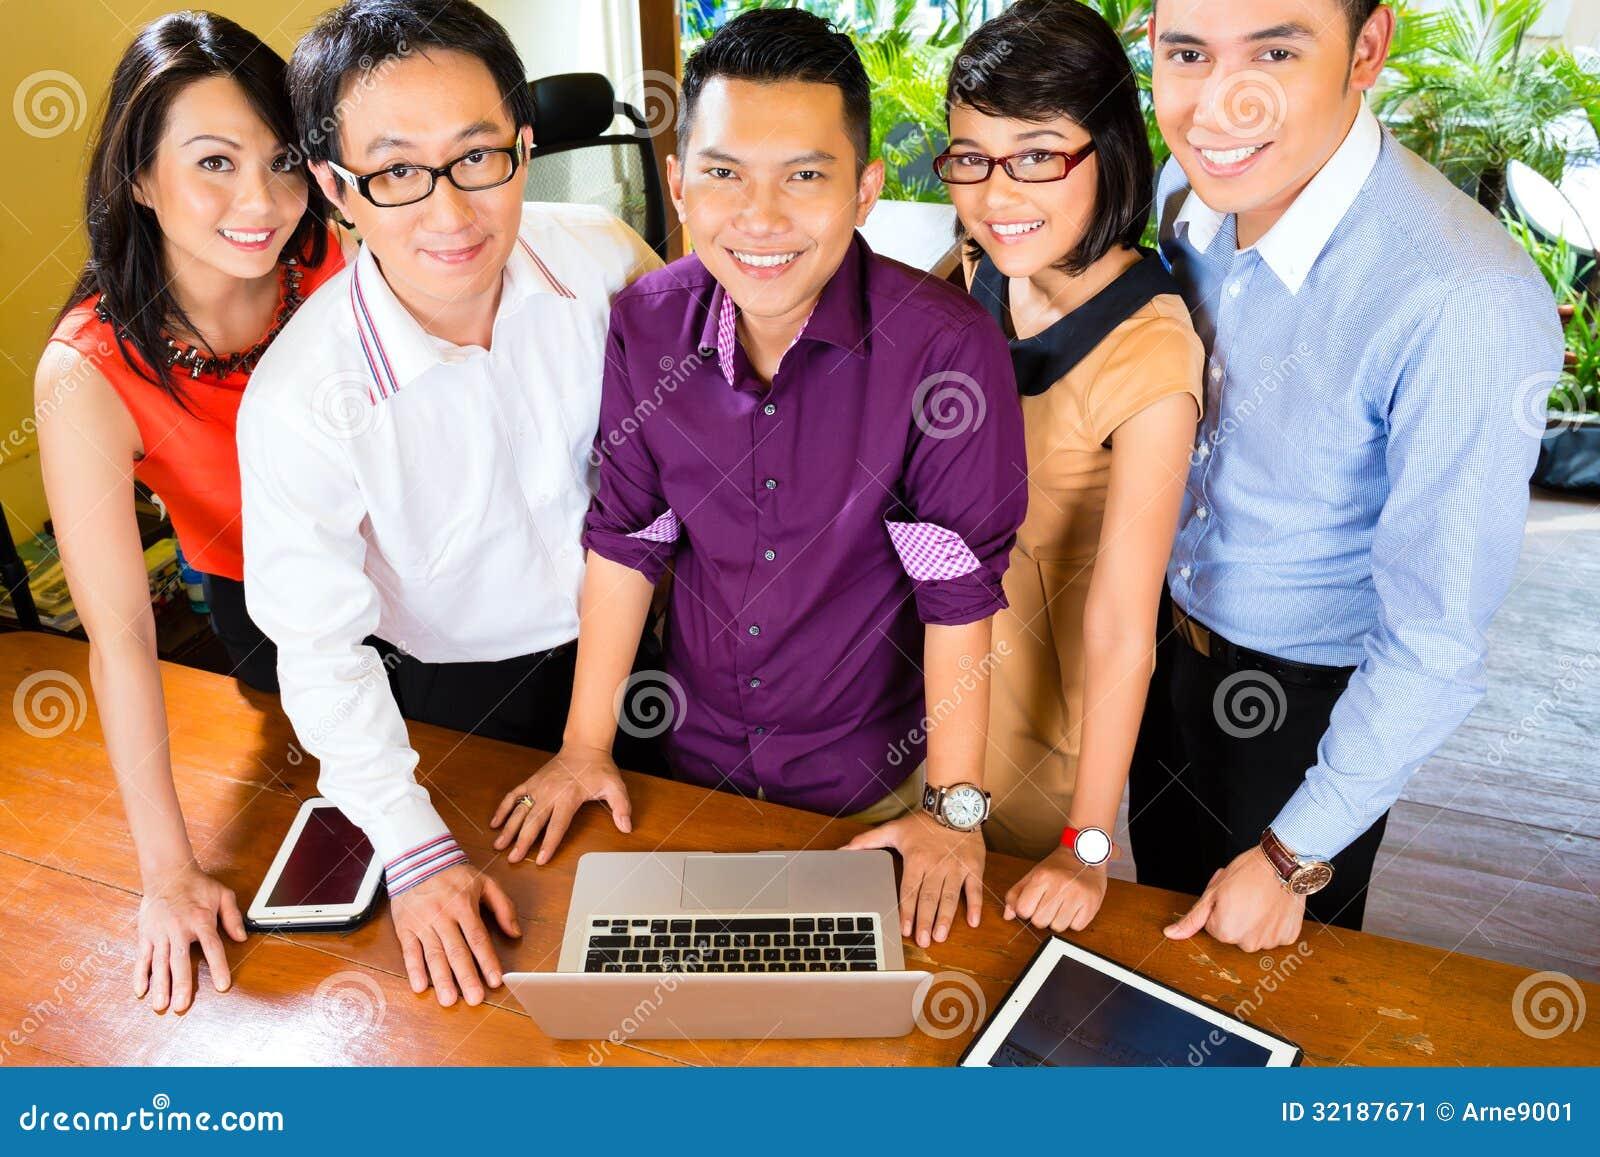 Asian date team in Brisbane